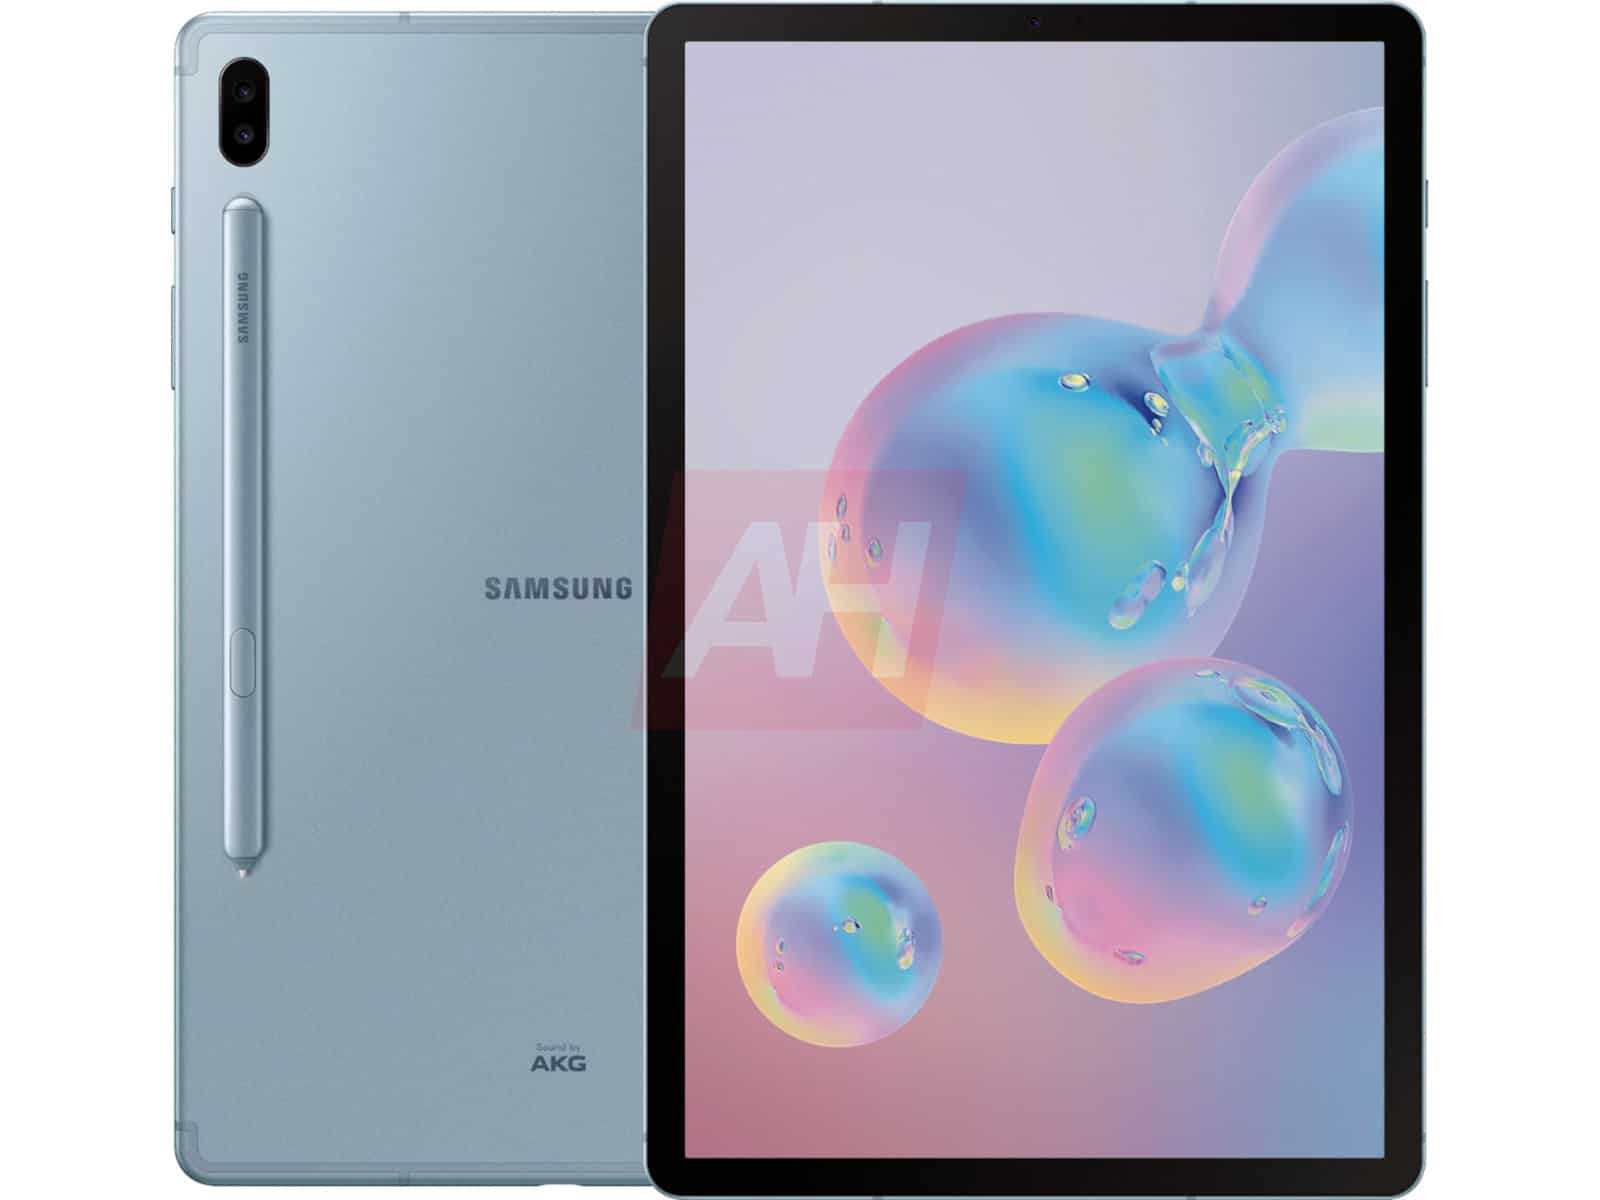 Samsung Galaxy Tab S6 Leak Blue 8